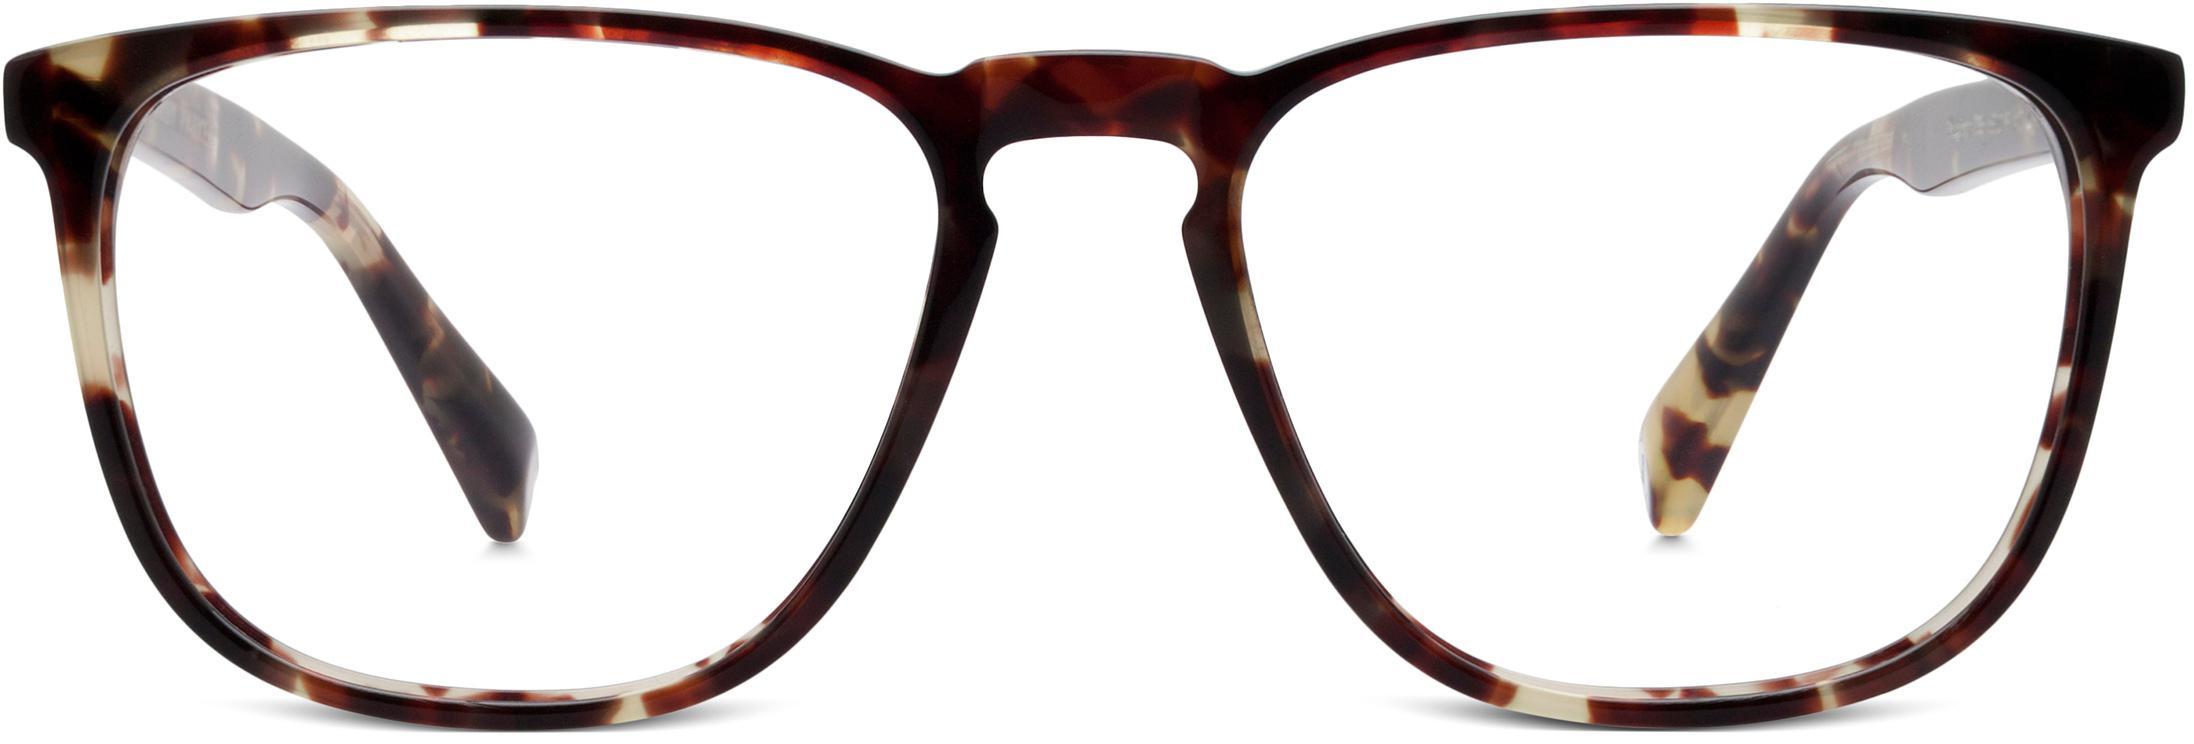 c1bb8404552 Men s Eyeglasses